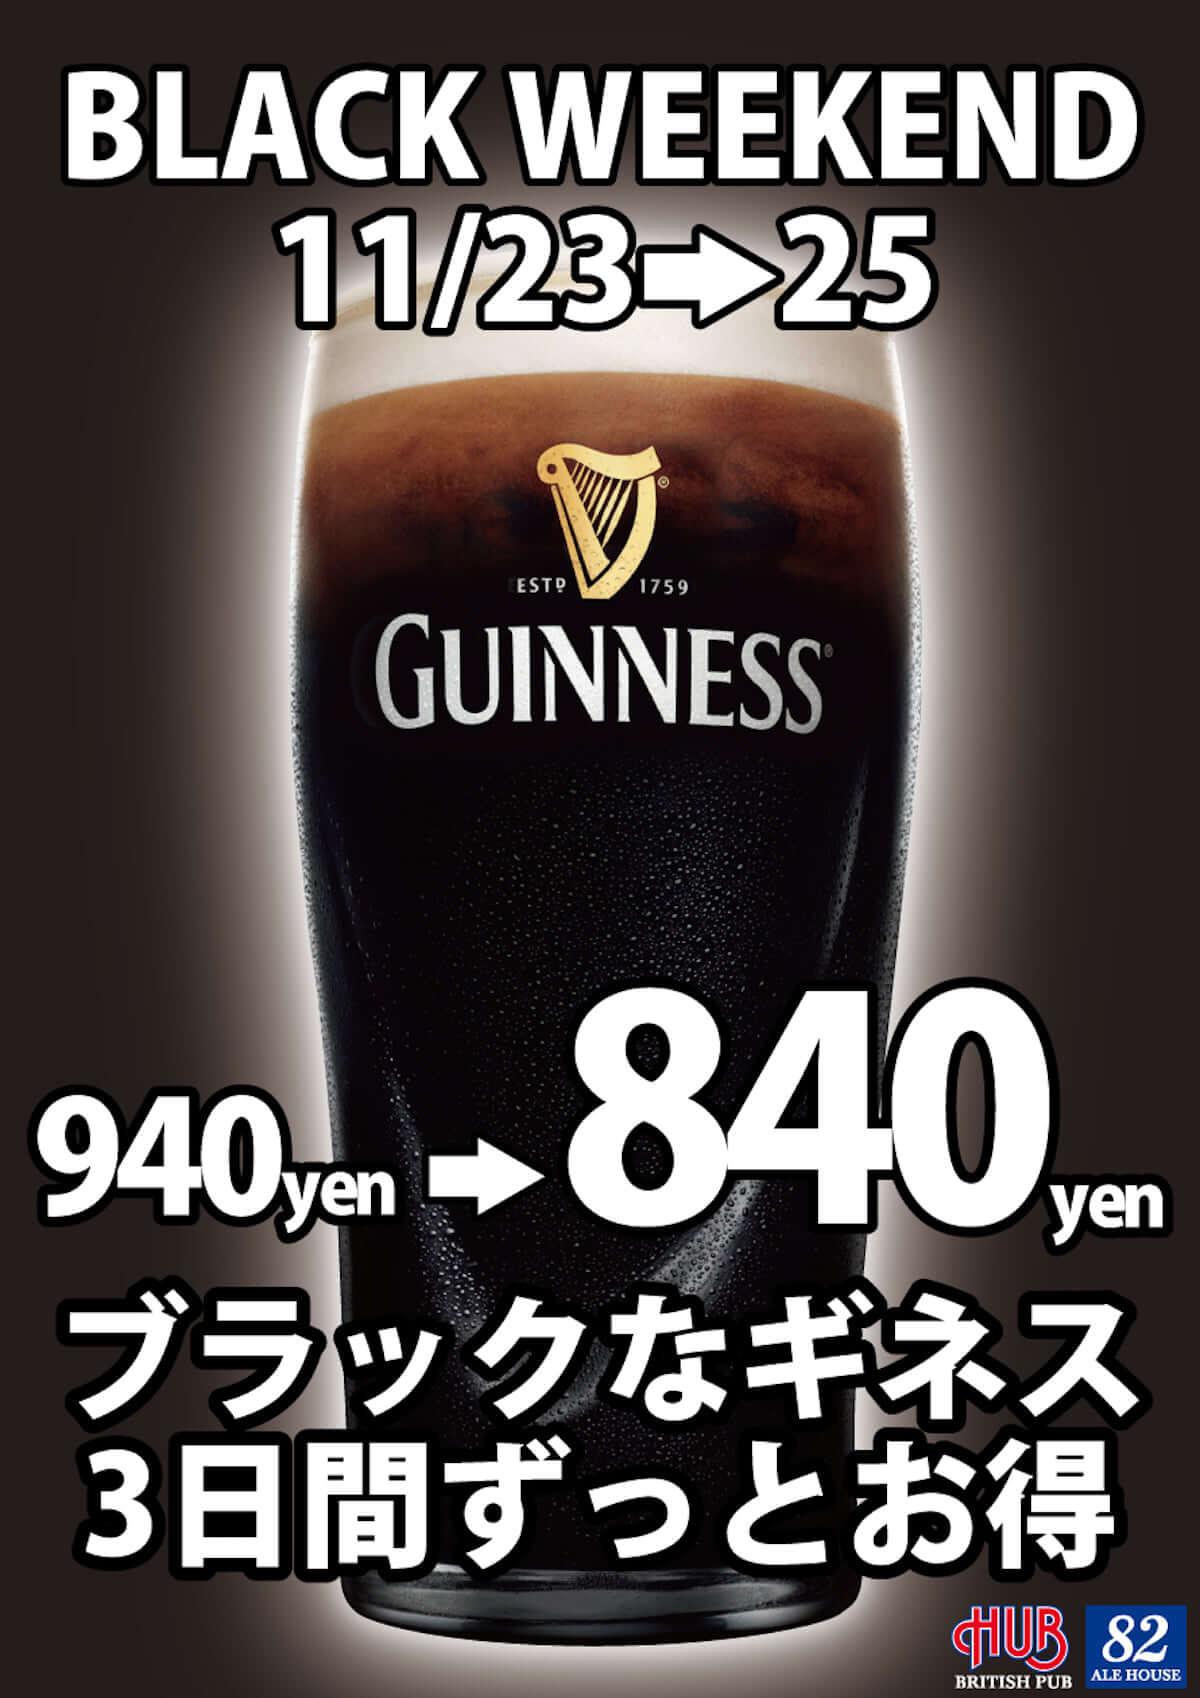 英国風パブ「HUB」で黒ビール「ギネス」がブラックフライデーから3日間お得に! food181122_hub-blackfriday_01-1200x1698